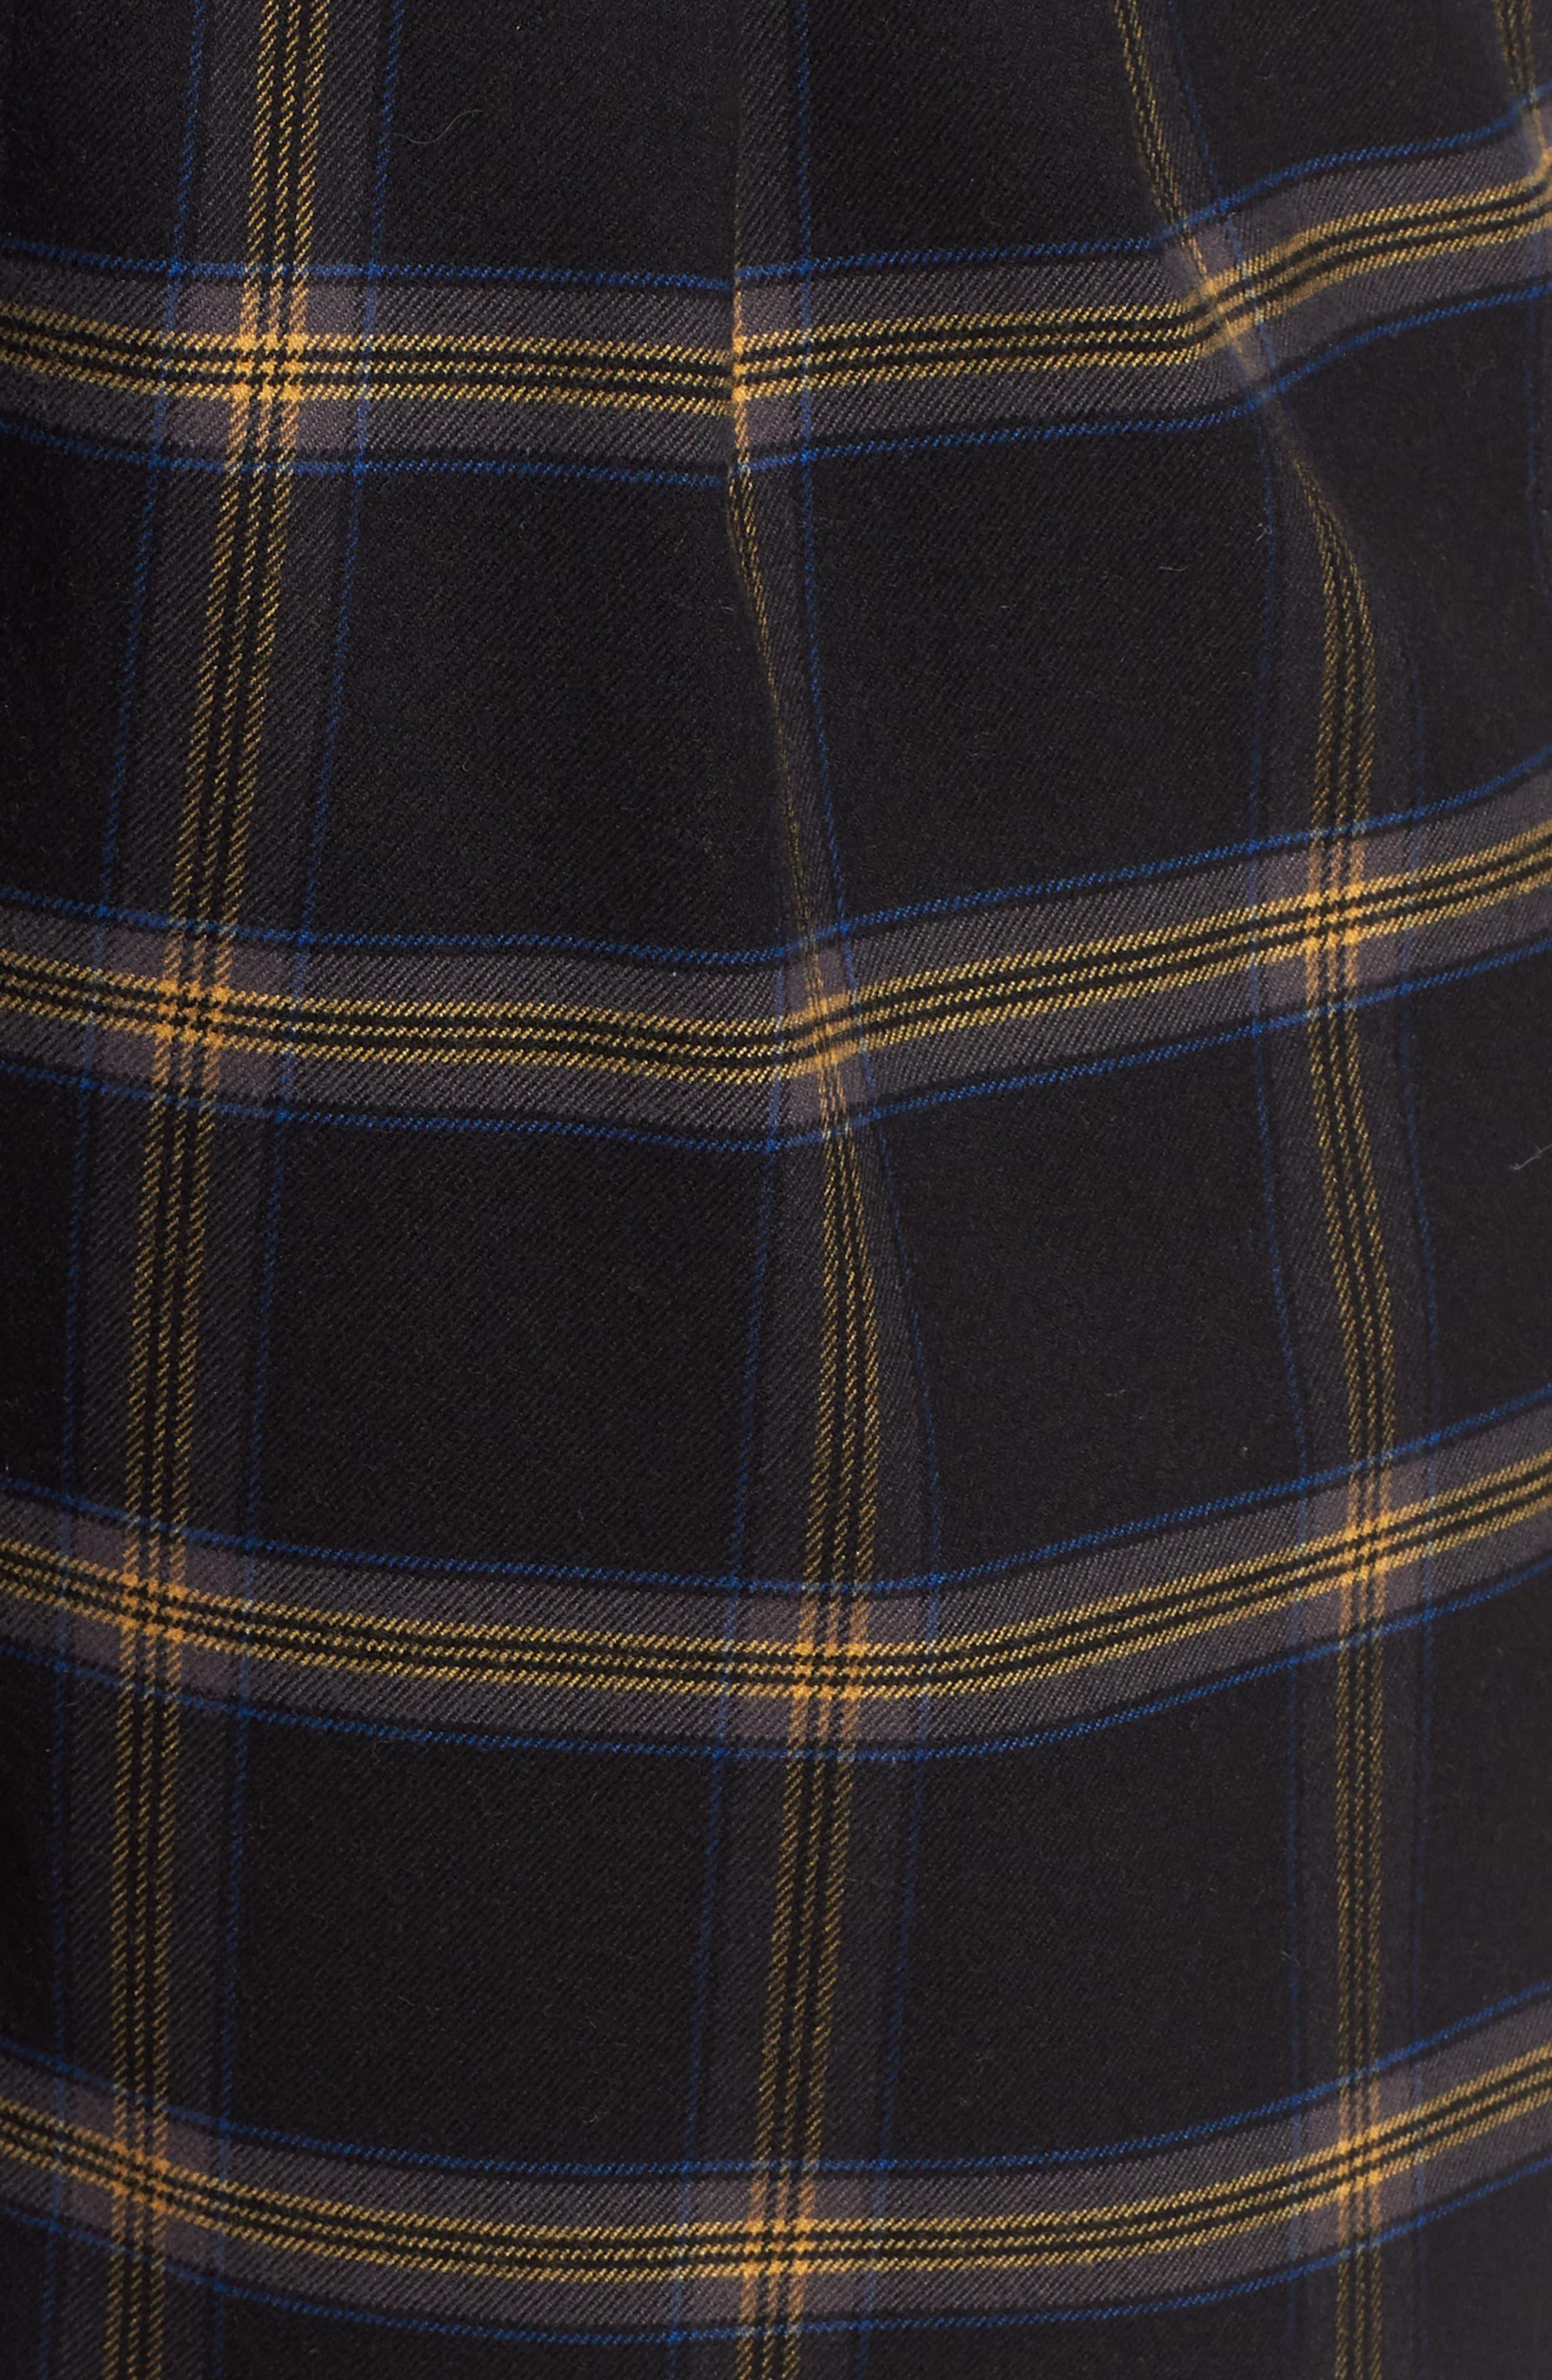 Plaid Menswear Crop Pants,                             Alternate thumbnail 6, color,                             BLACK SHANNON PLAID